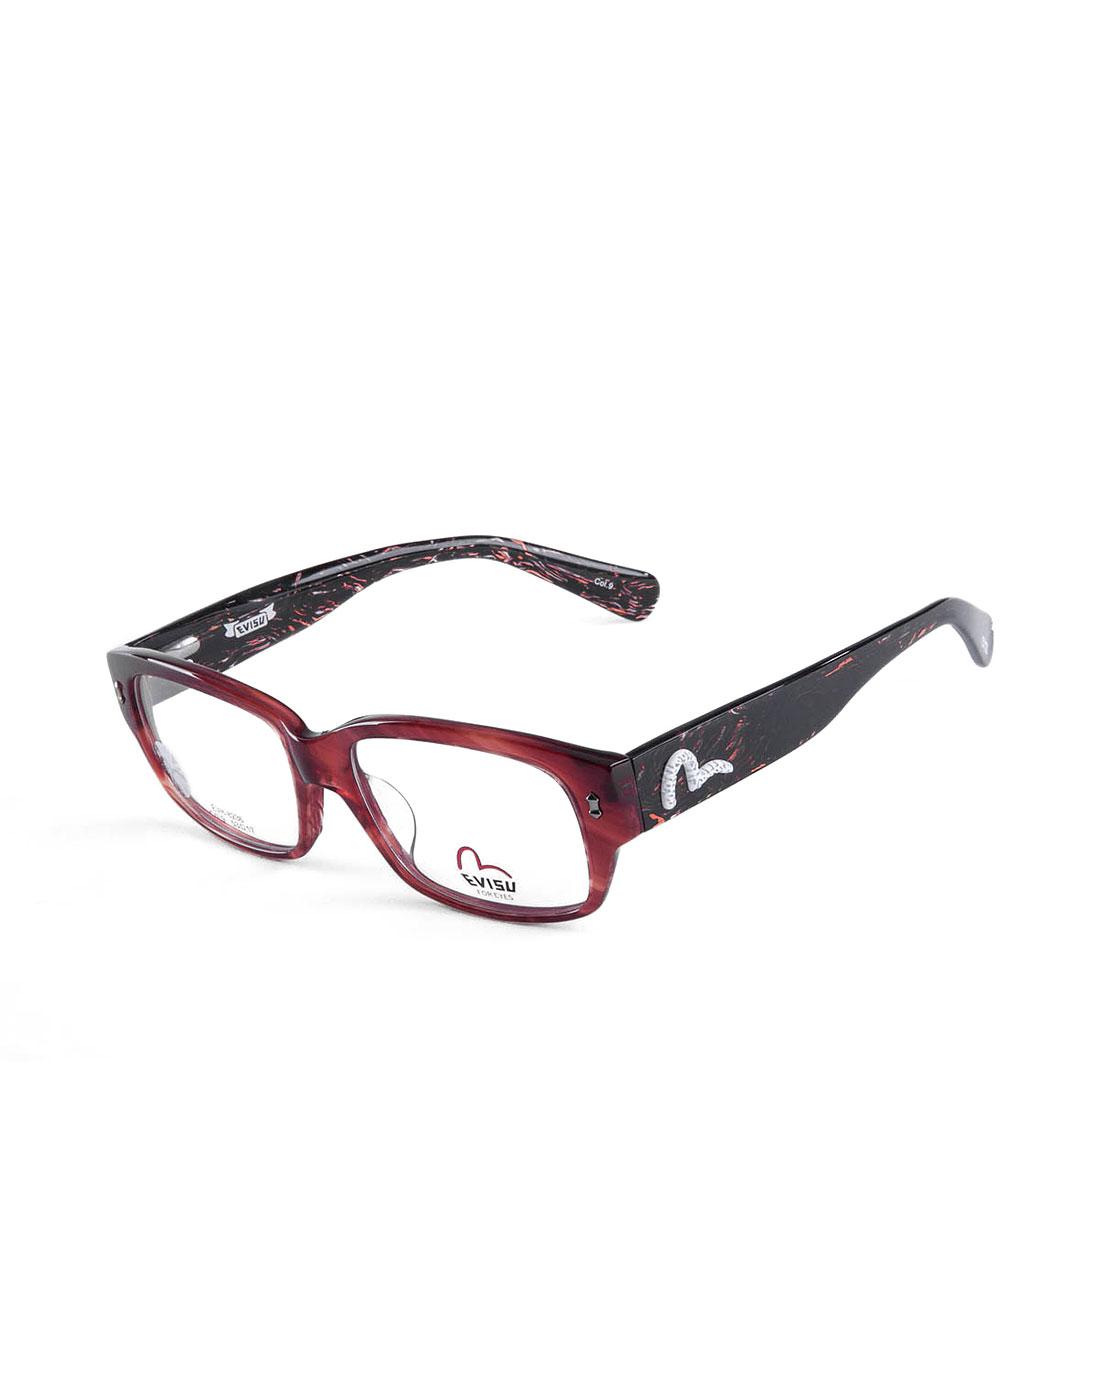 惠美寿evisu眼镜专场潮流边框红黑色全框眼镜evh